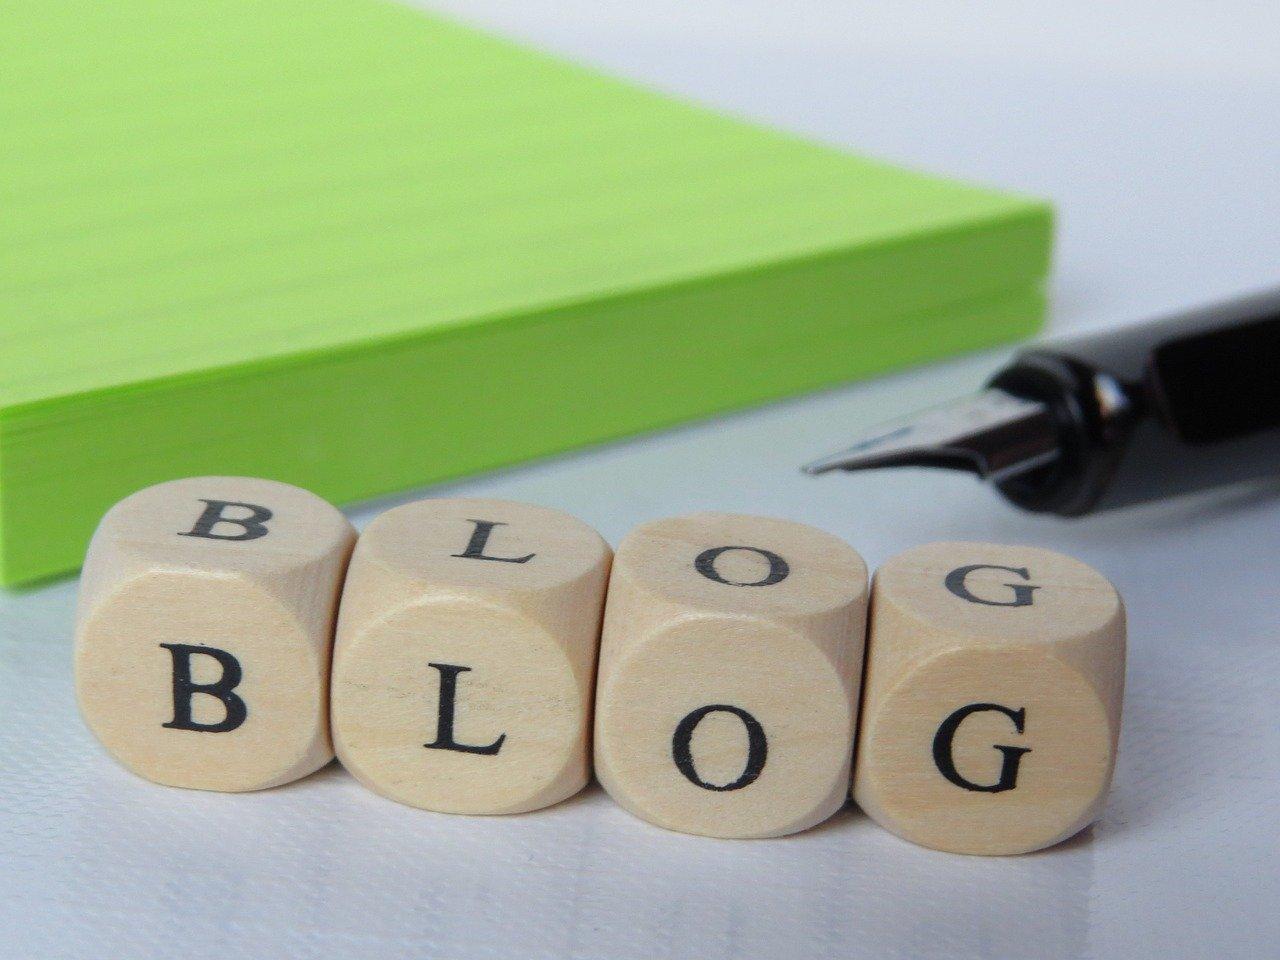 Création d'un site Internet Villiers-sur-Marne avec WordPress